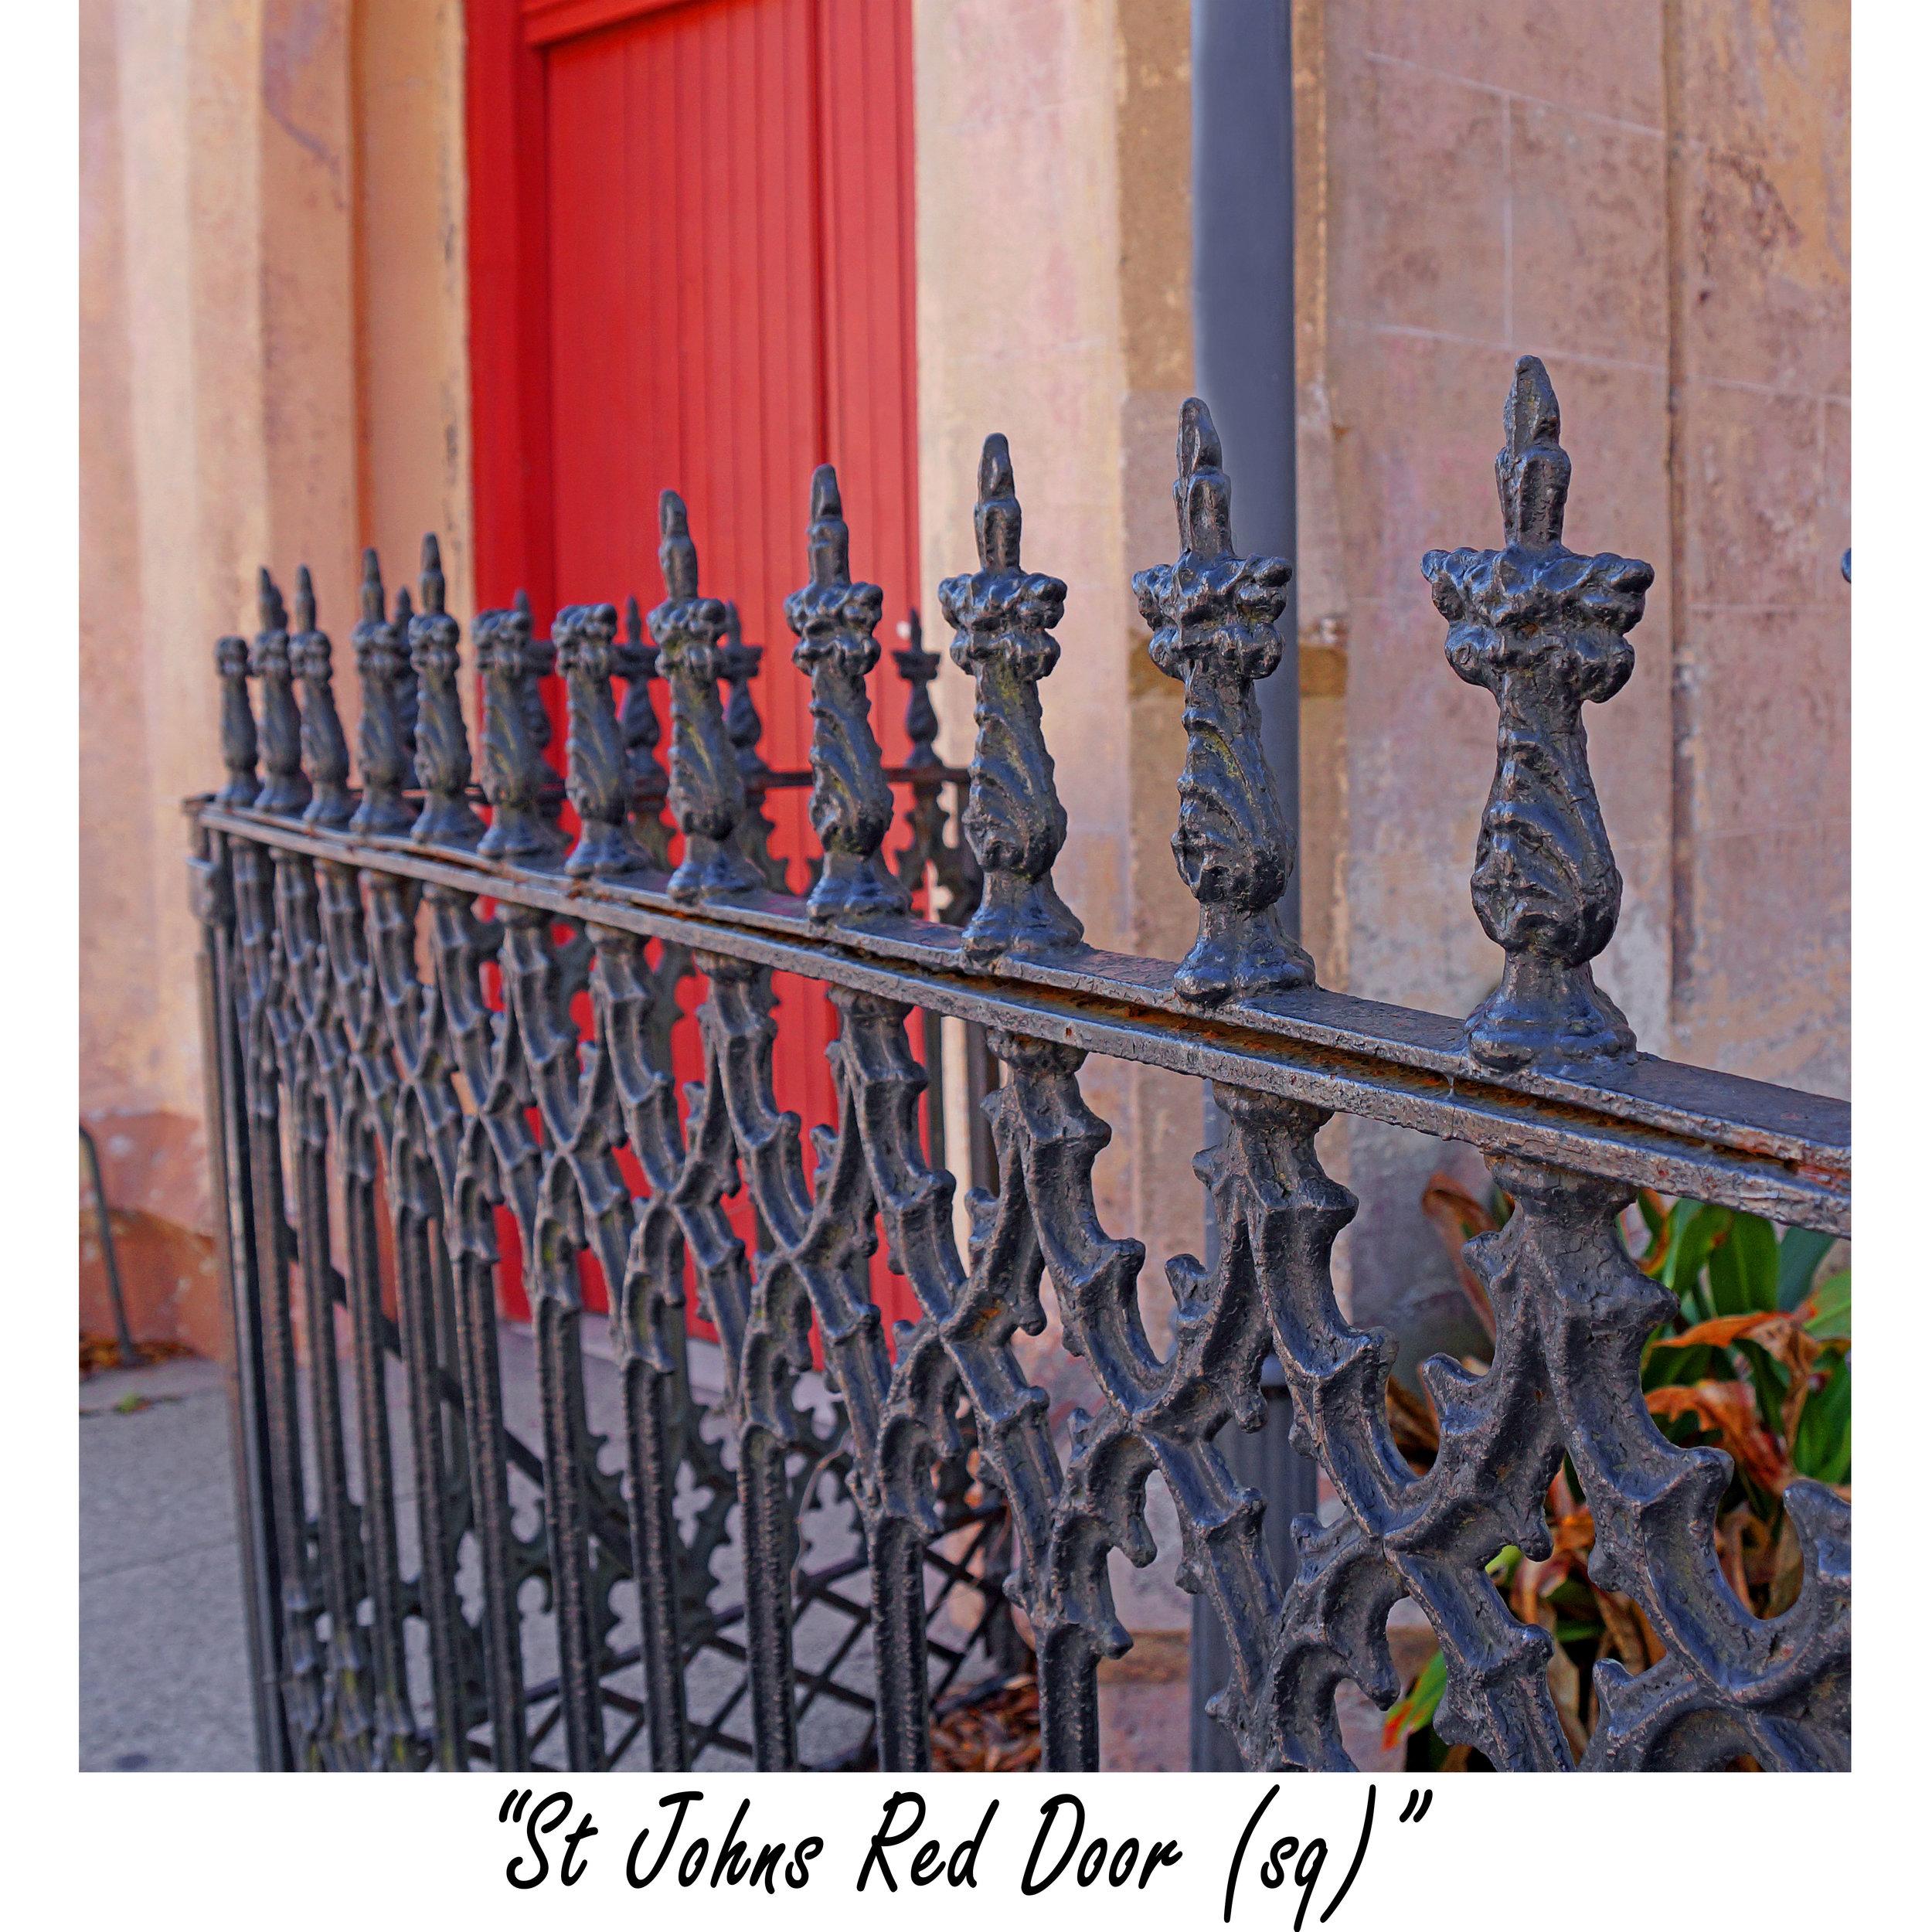 St Johns Red Door (sq).jpg